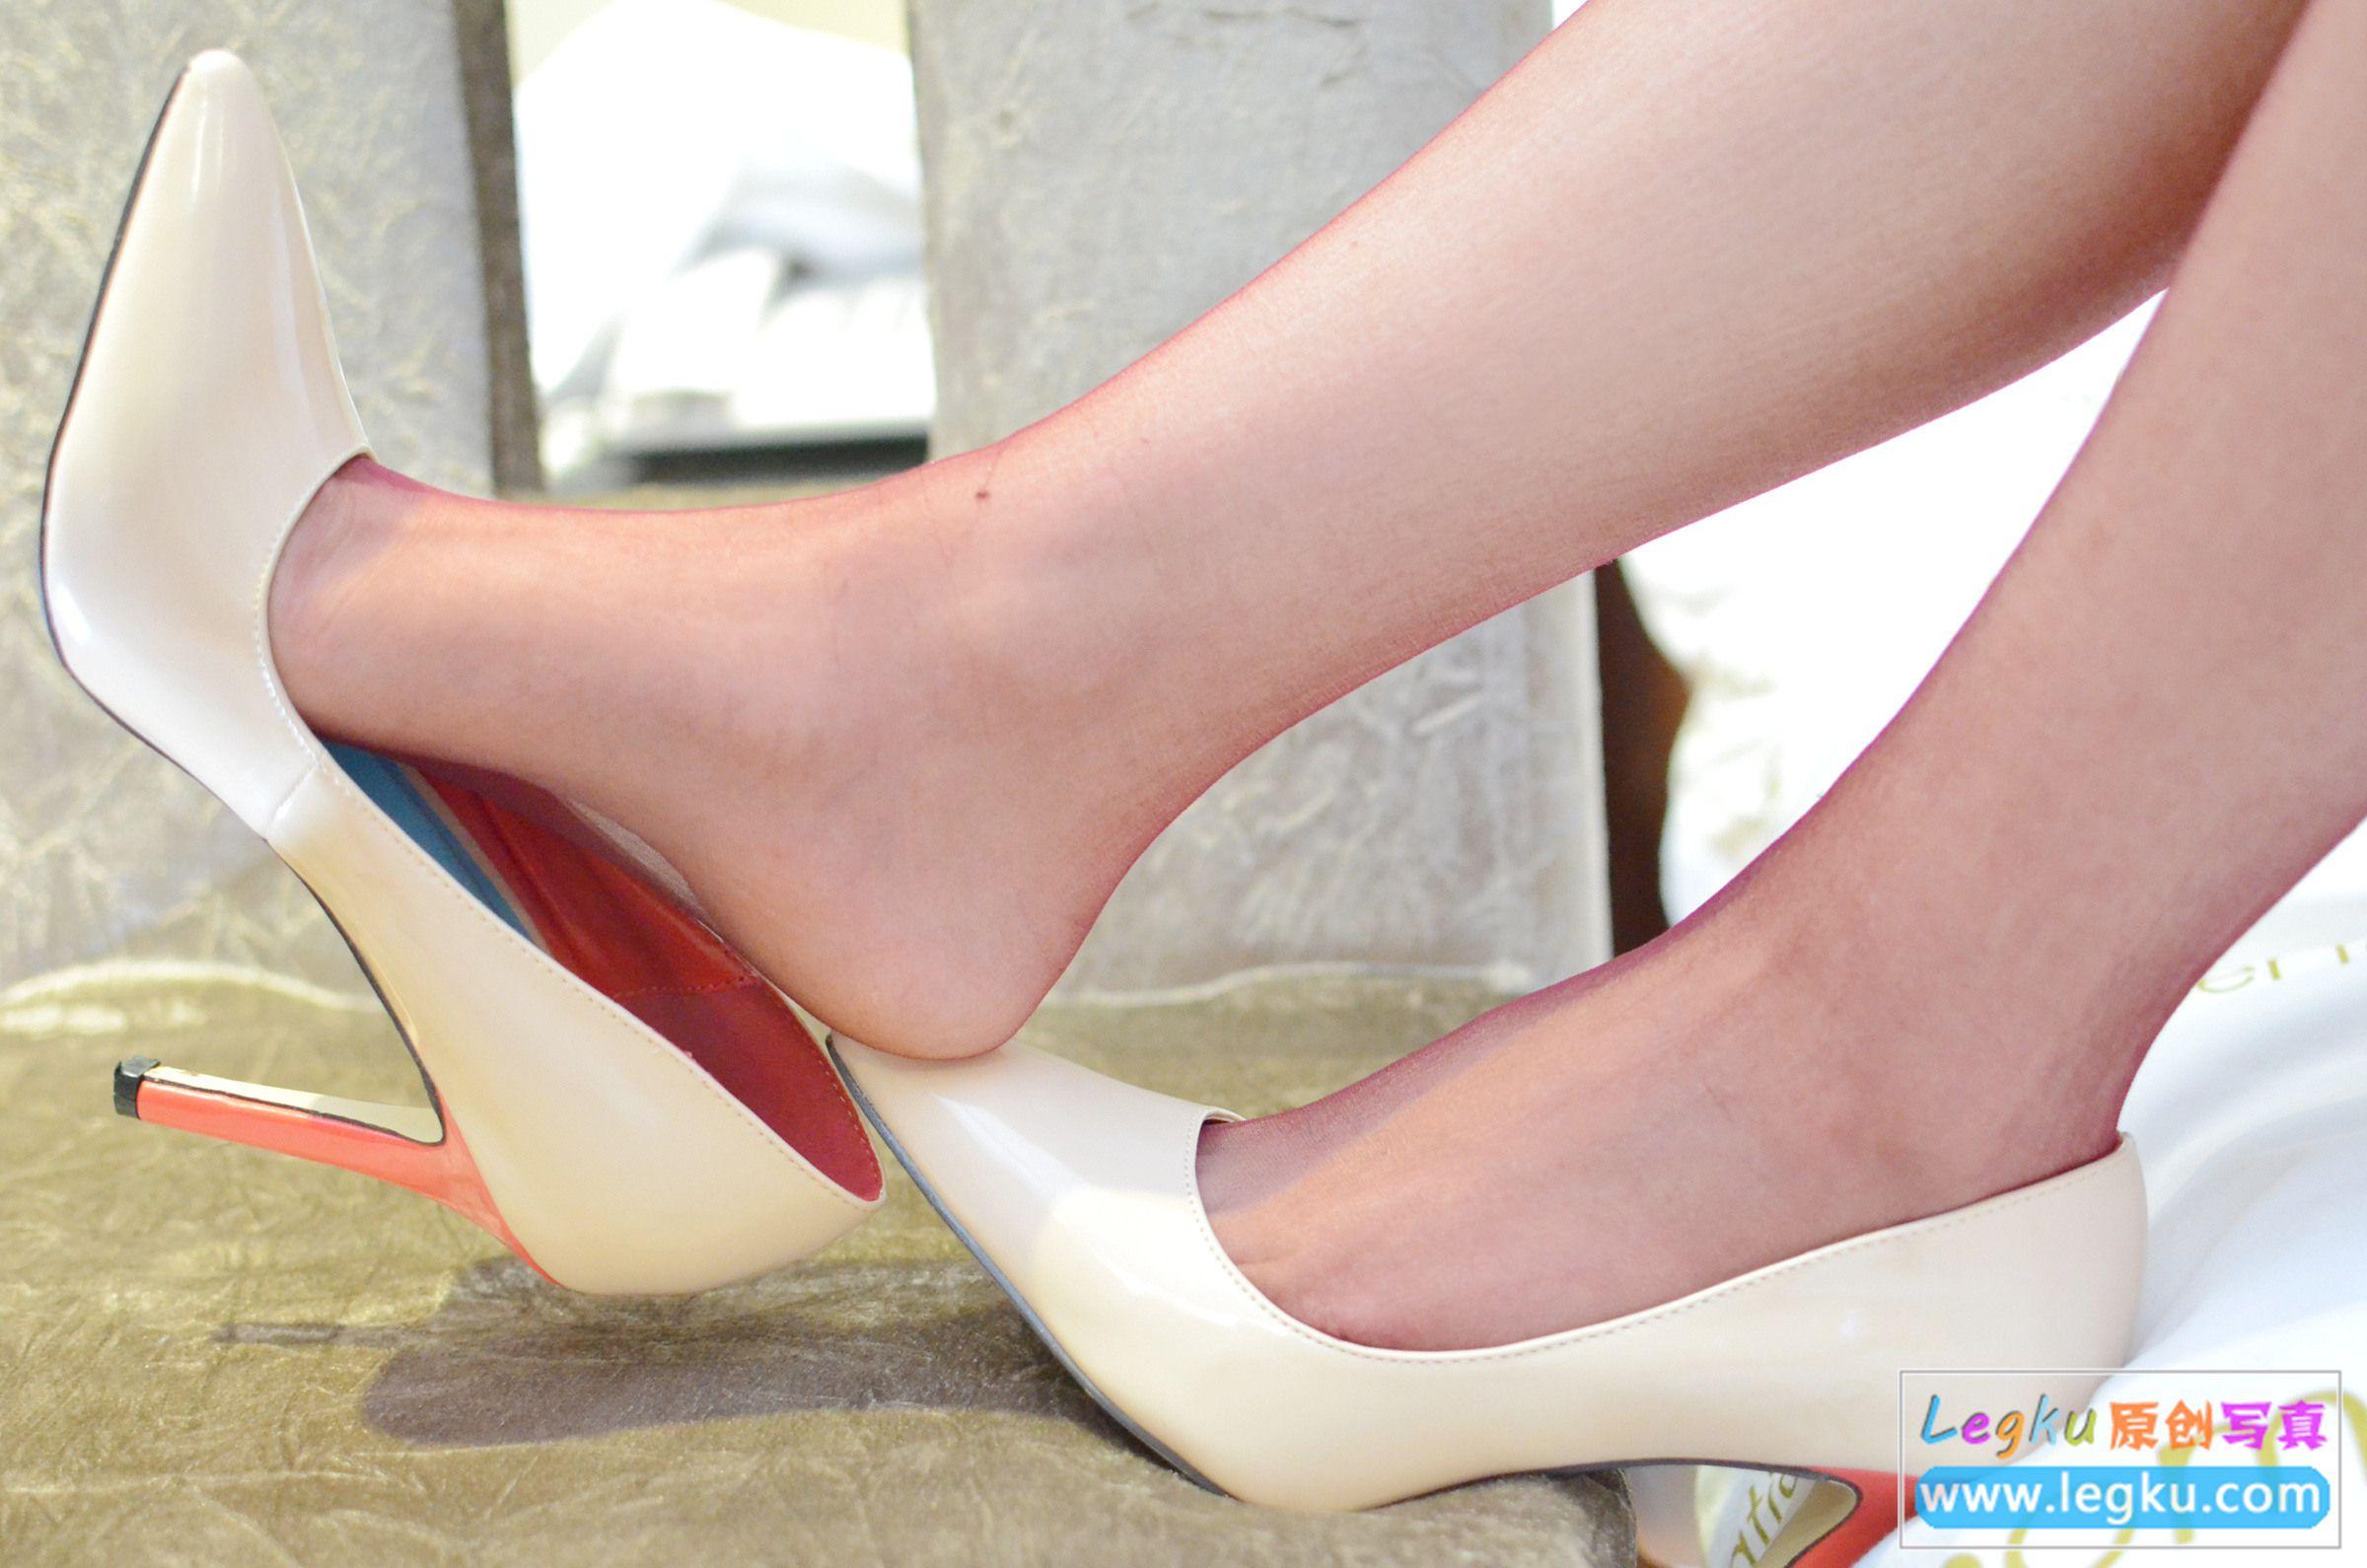 超薄红丝袜+红内 写真套图